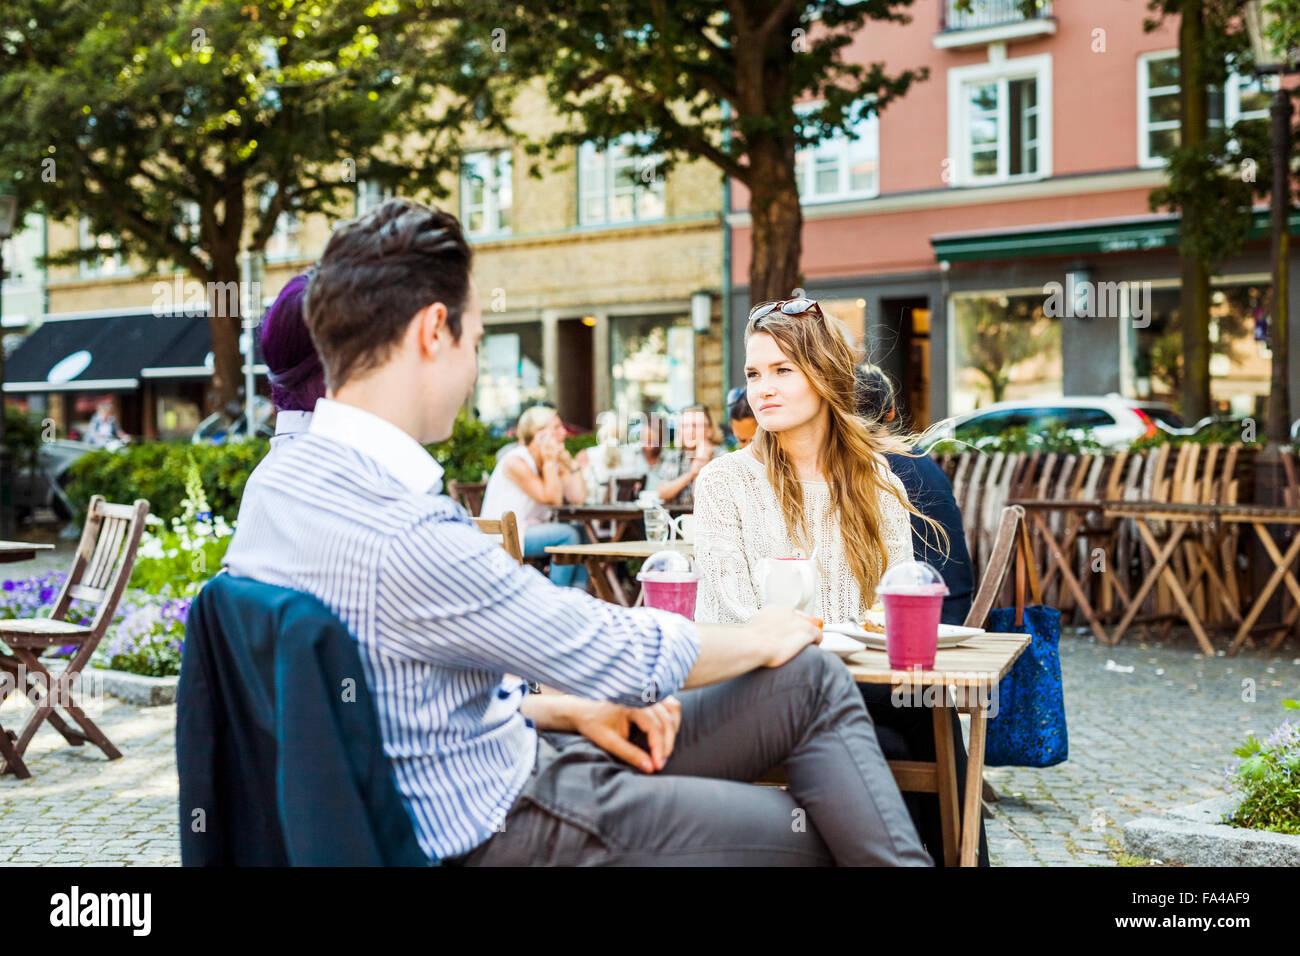 Amigos sentado en la cafetería en la plaza de la ciudad Imagen De Stock